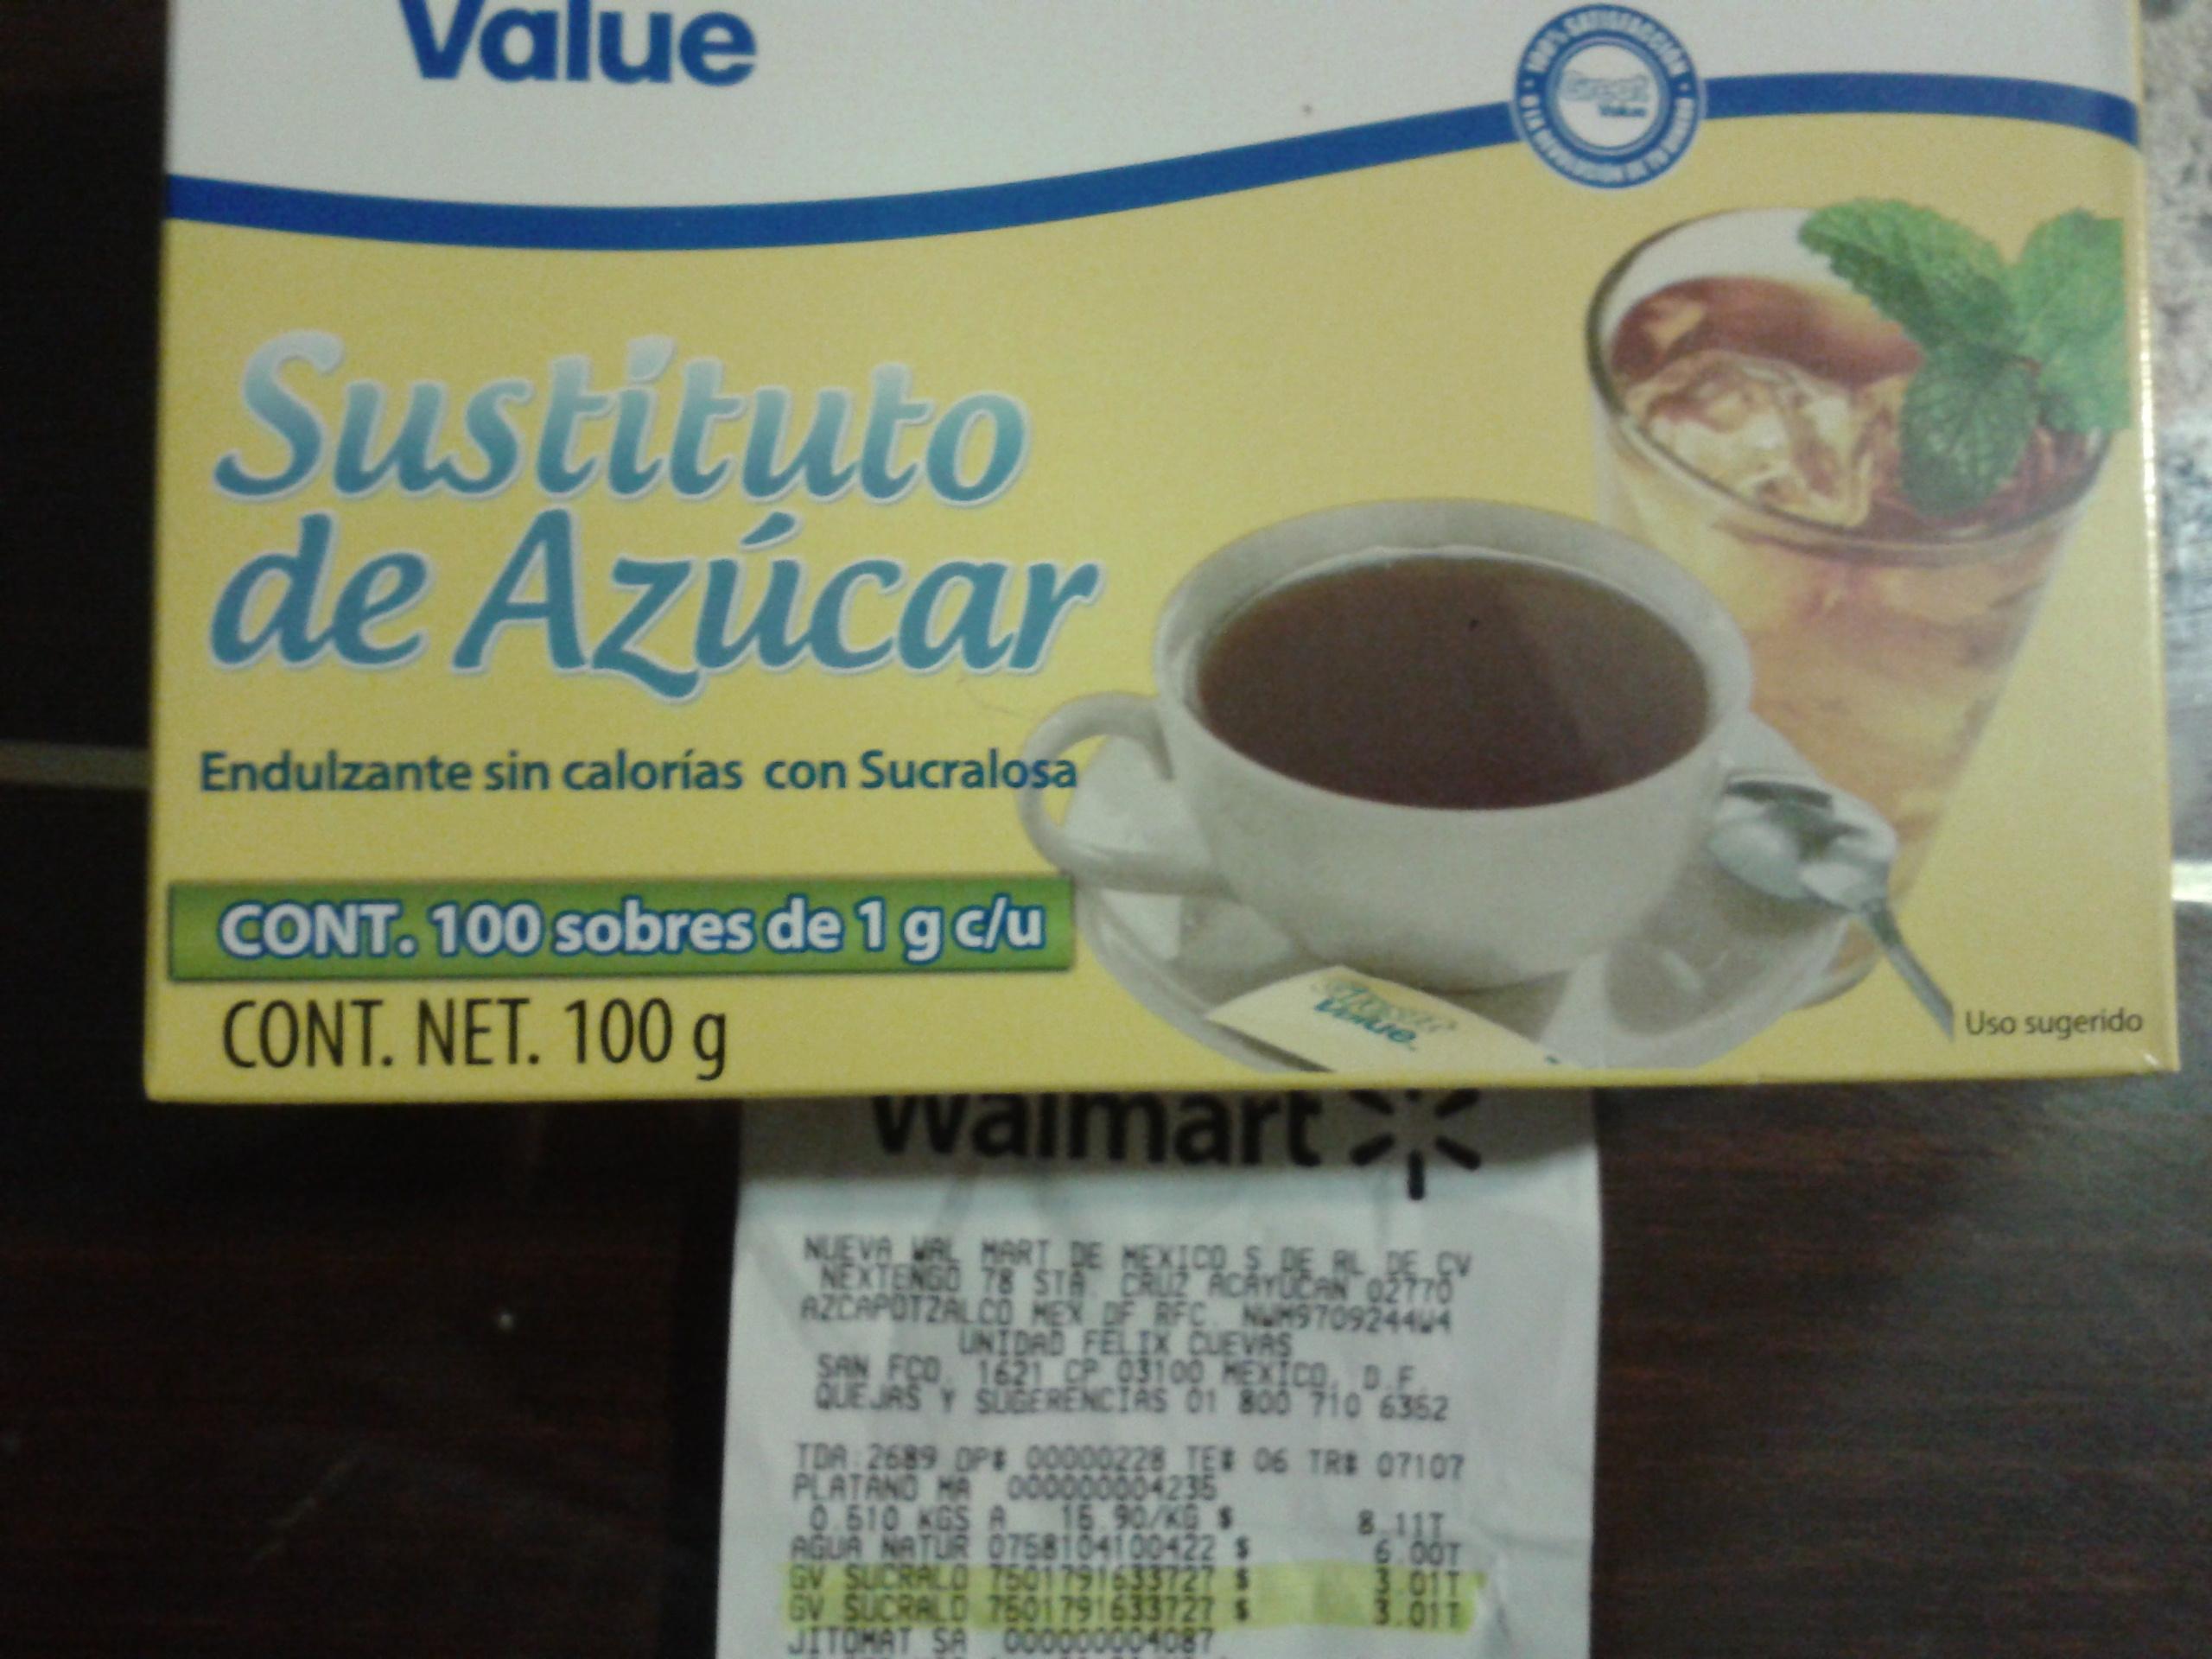 Walmart: sustituto de azúcar 100 sobres $3.01